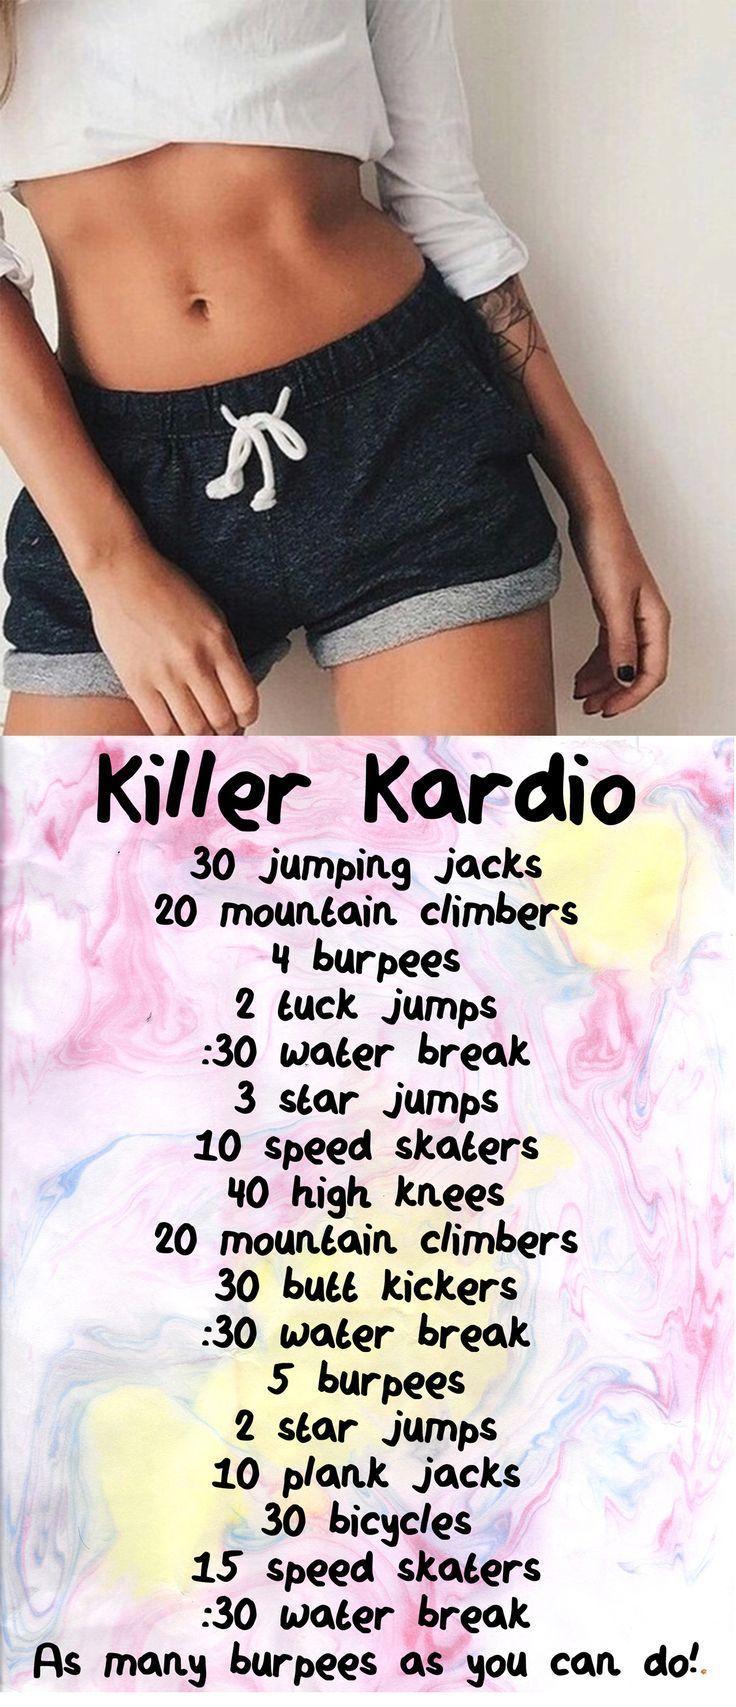 25 > Hasst du es zu rennen? Diese 10 Übungen verbrennen mehr Kalorien #brennen…